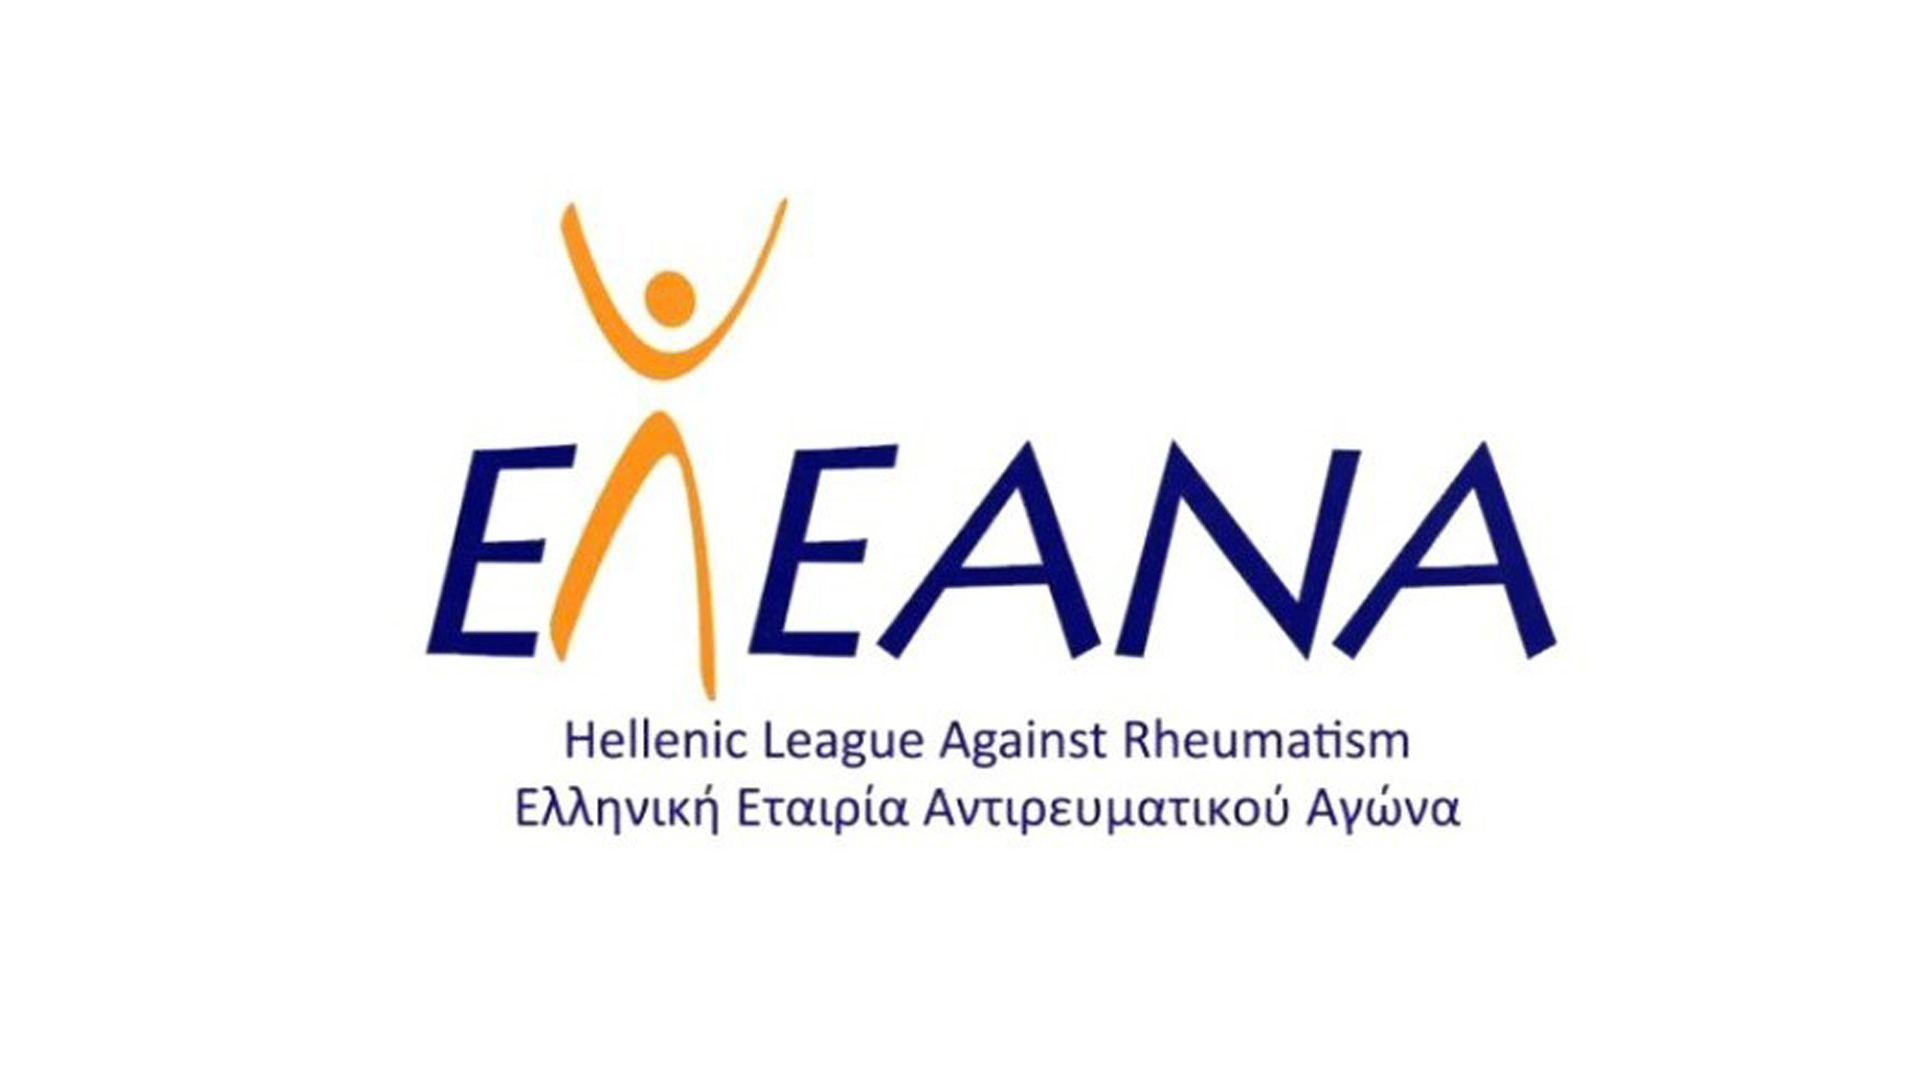 Η Ελληνική Εταιρεία Αντιρευματικού Αγώνα : Διαδικτυακό σεμινάριο για την γυναίκα με ρευματικά νοσήματα